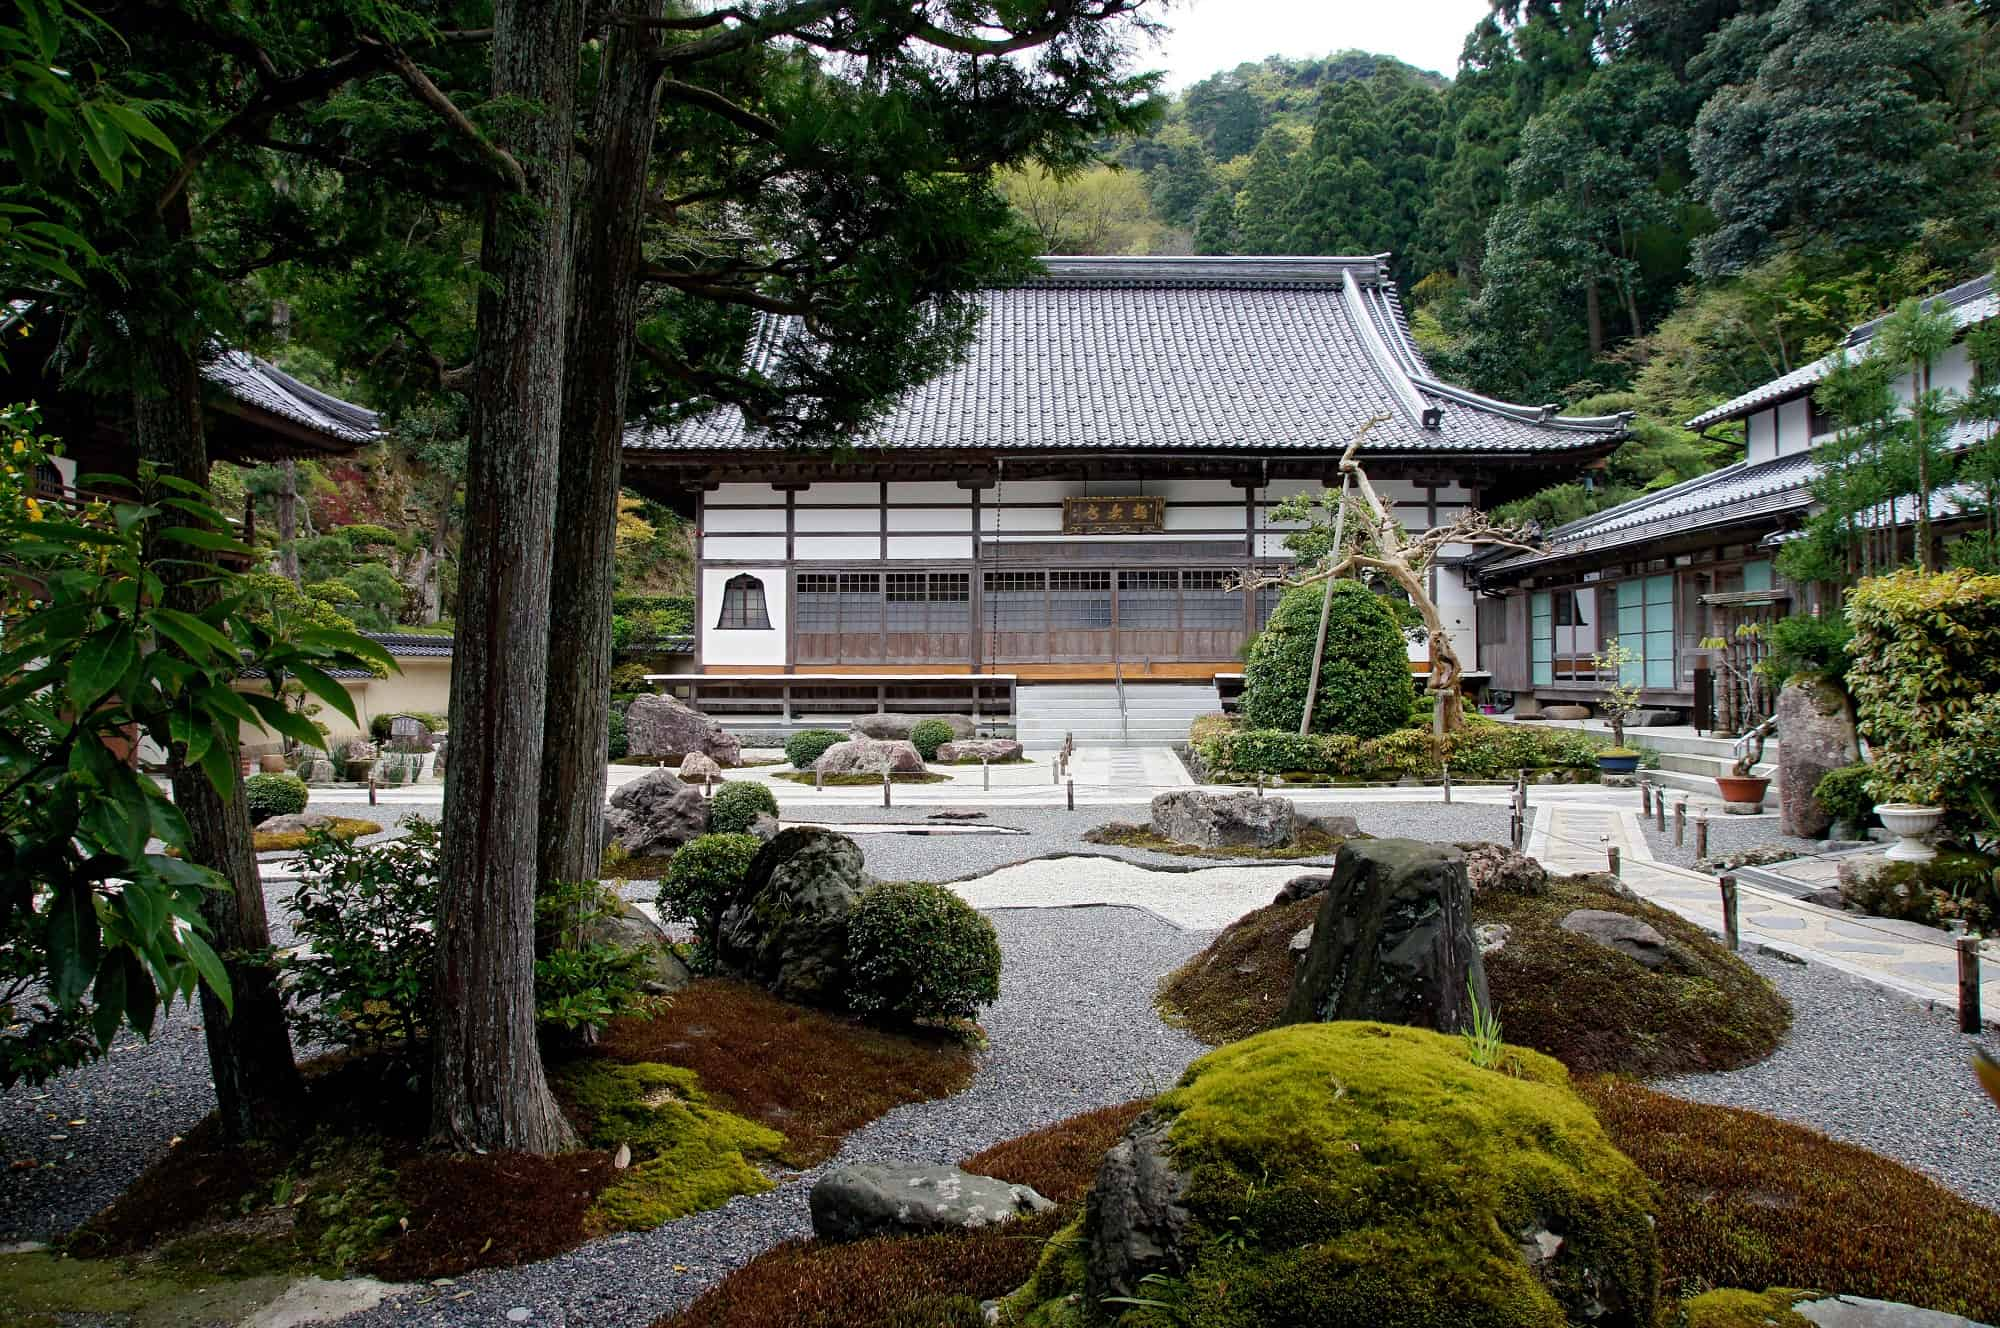 วัดโกคุราคุจิ (Gokurakuji Temple) คิโนะซากิออนเซ็น